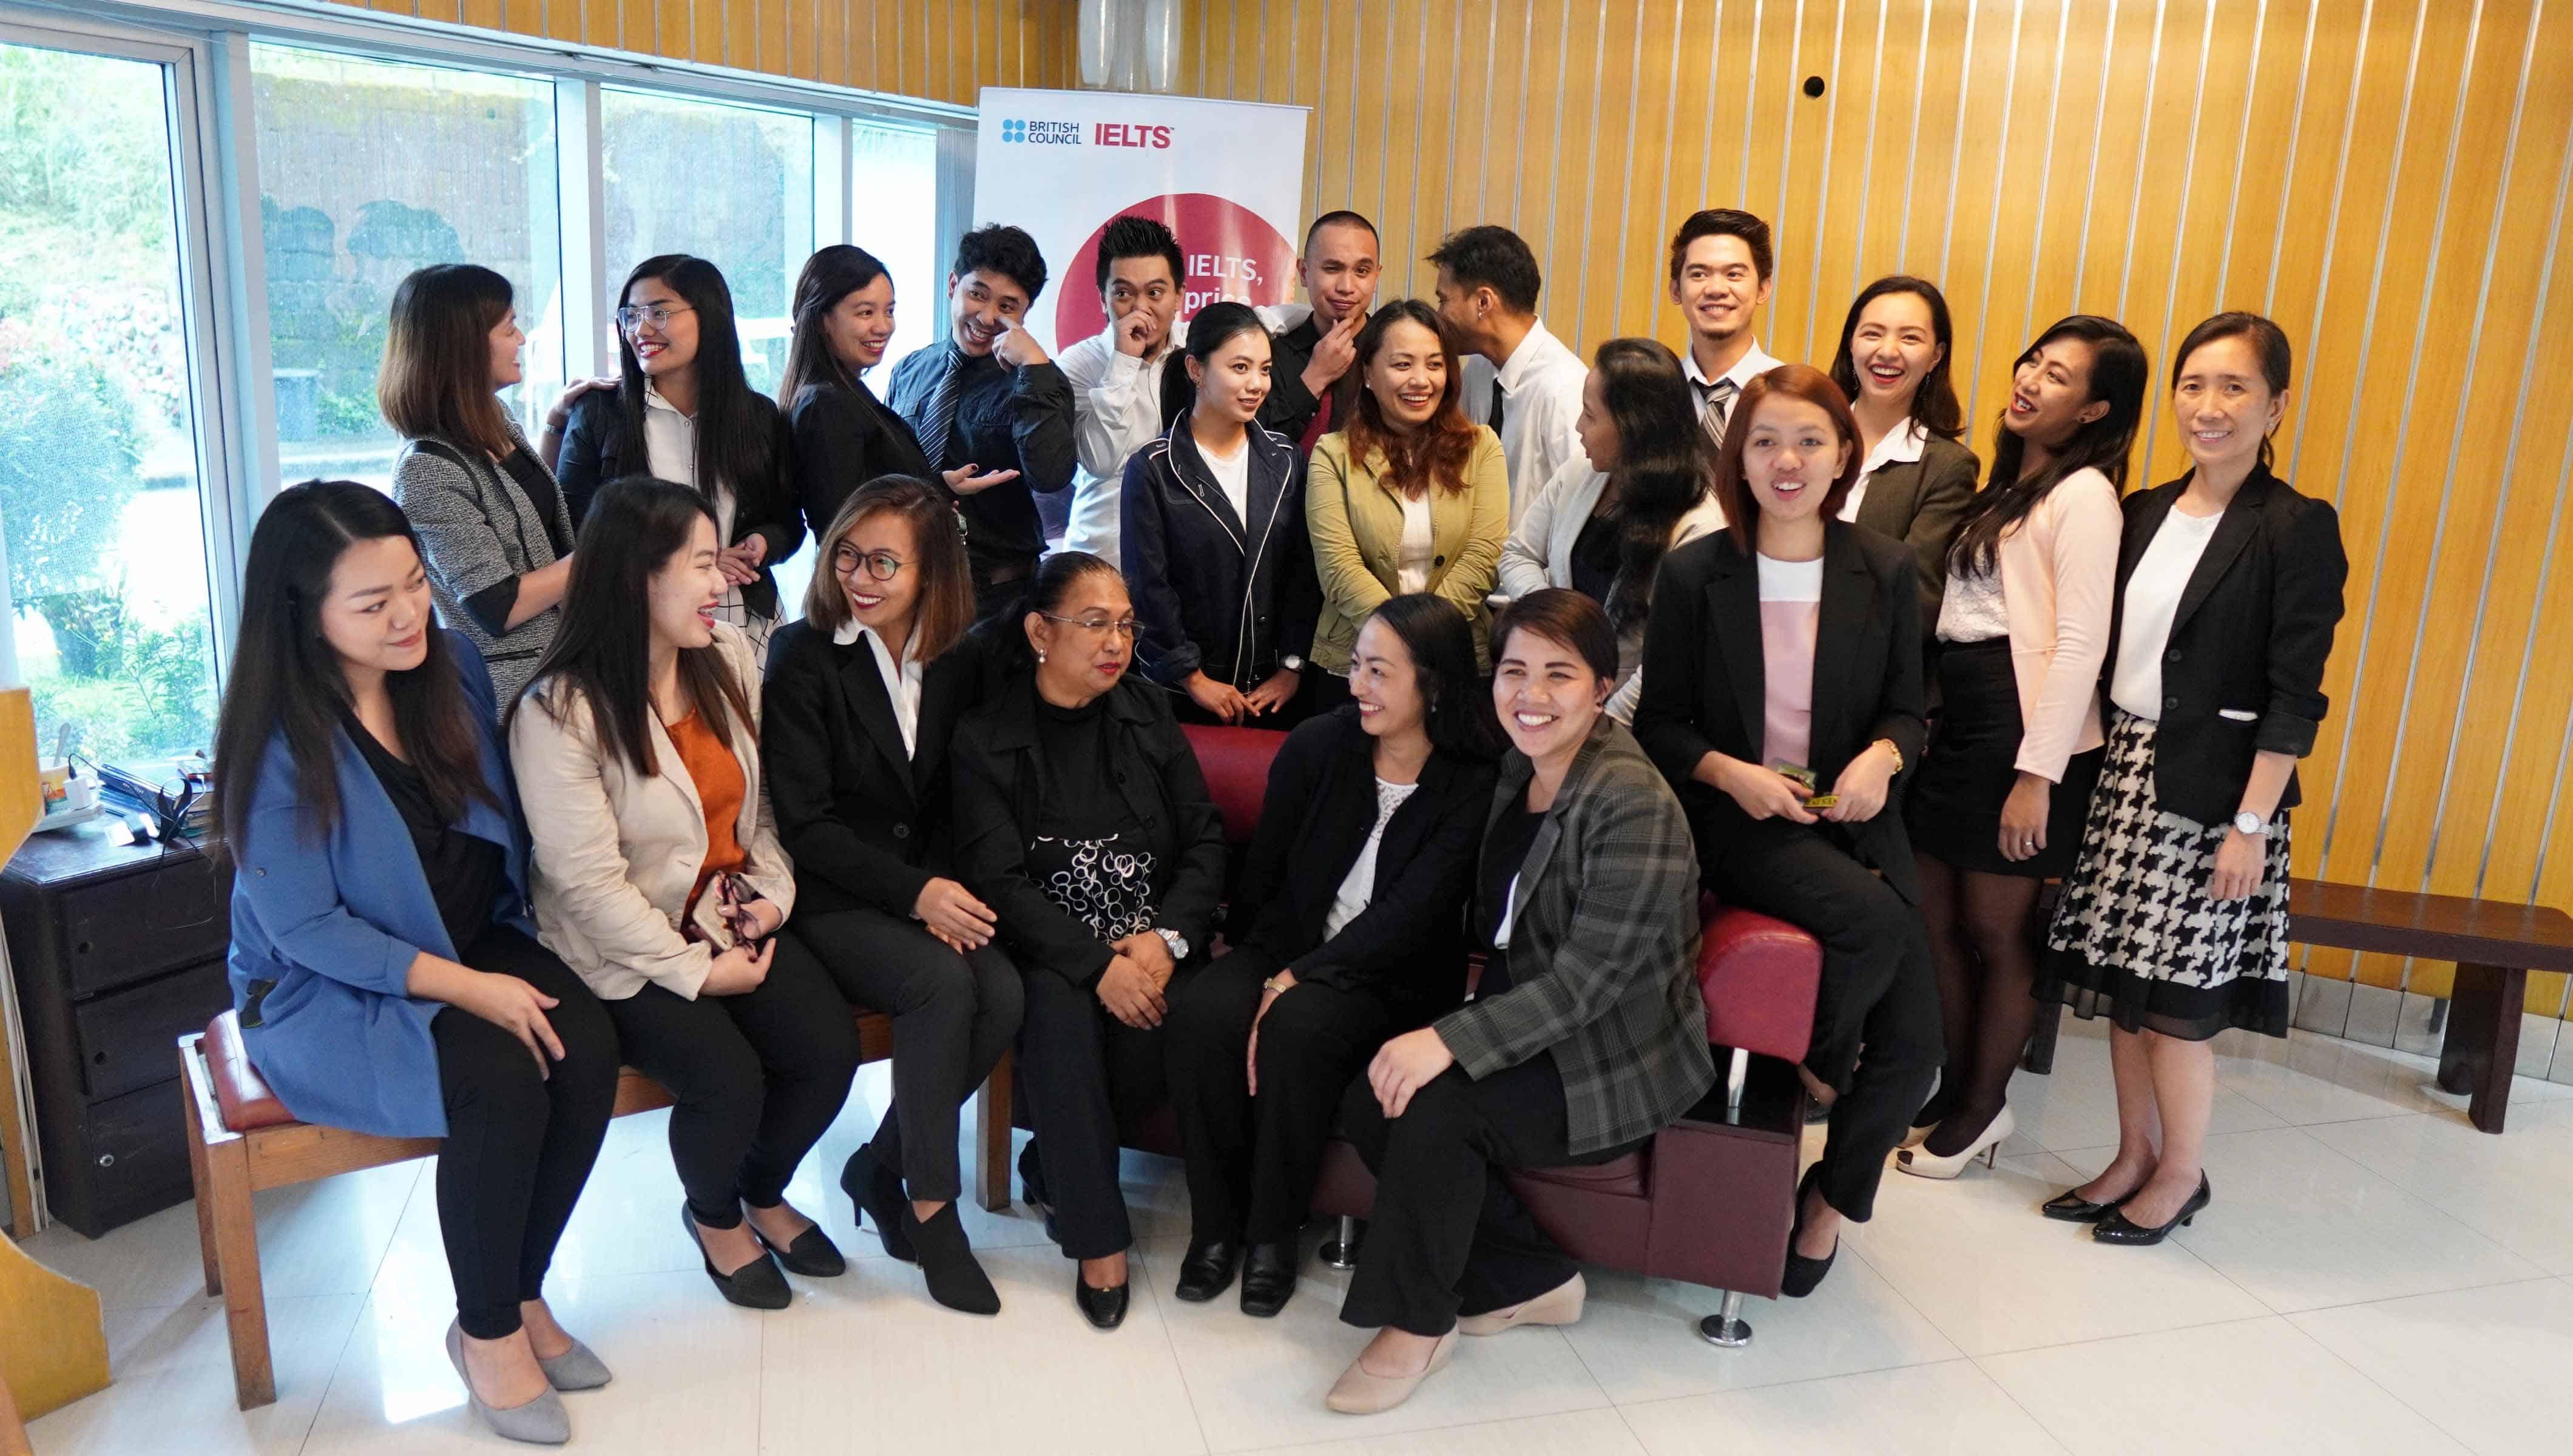 菲律宾PINES雅思教室